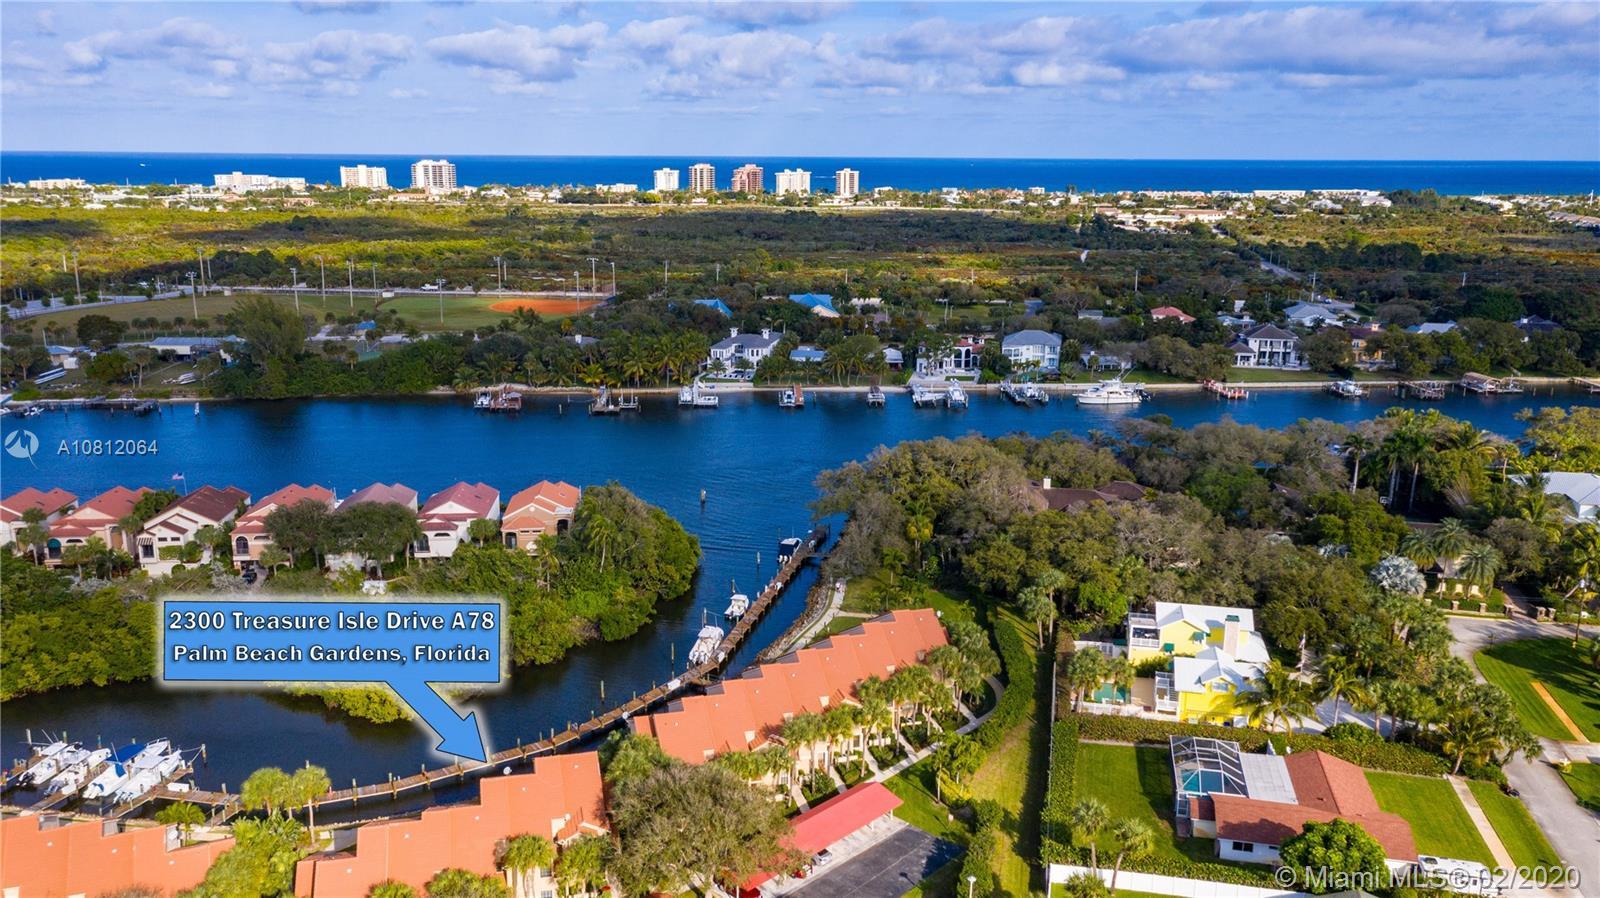 2300 Treasure Isle Dr, Palm Beach Gardens, FL 33410